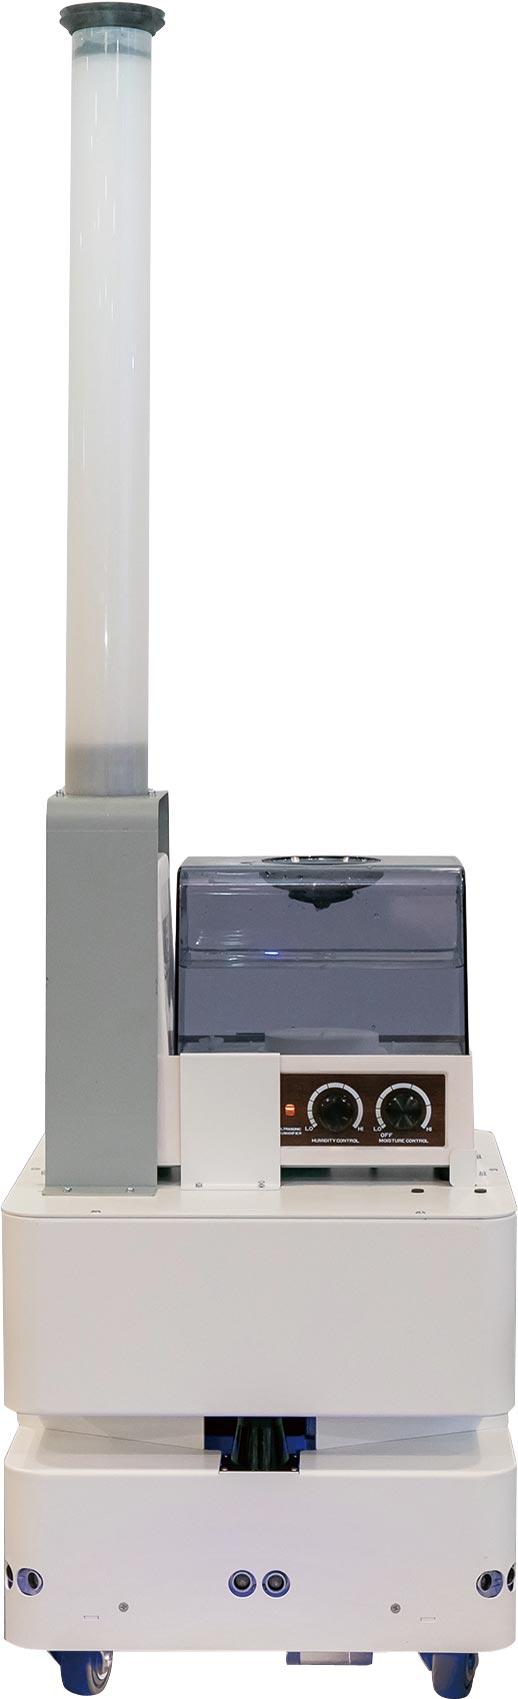 防疫機器人展現東元智慧移動平臺(AGV)更多元應用。圖/東元提供